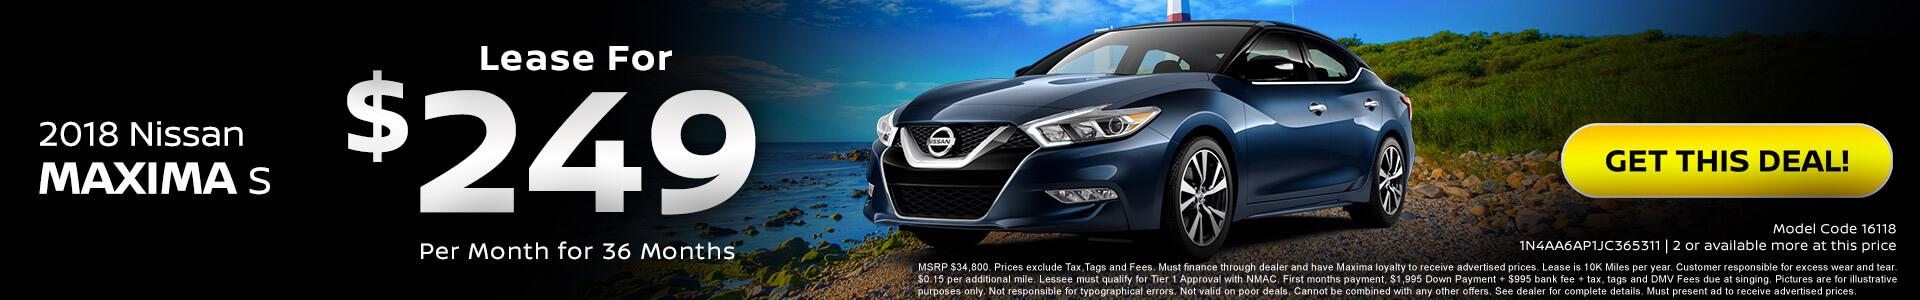 Nissan Maxima $249 Lease